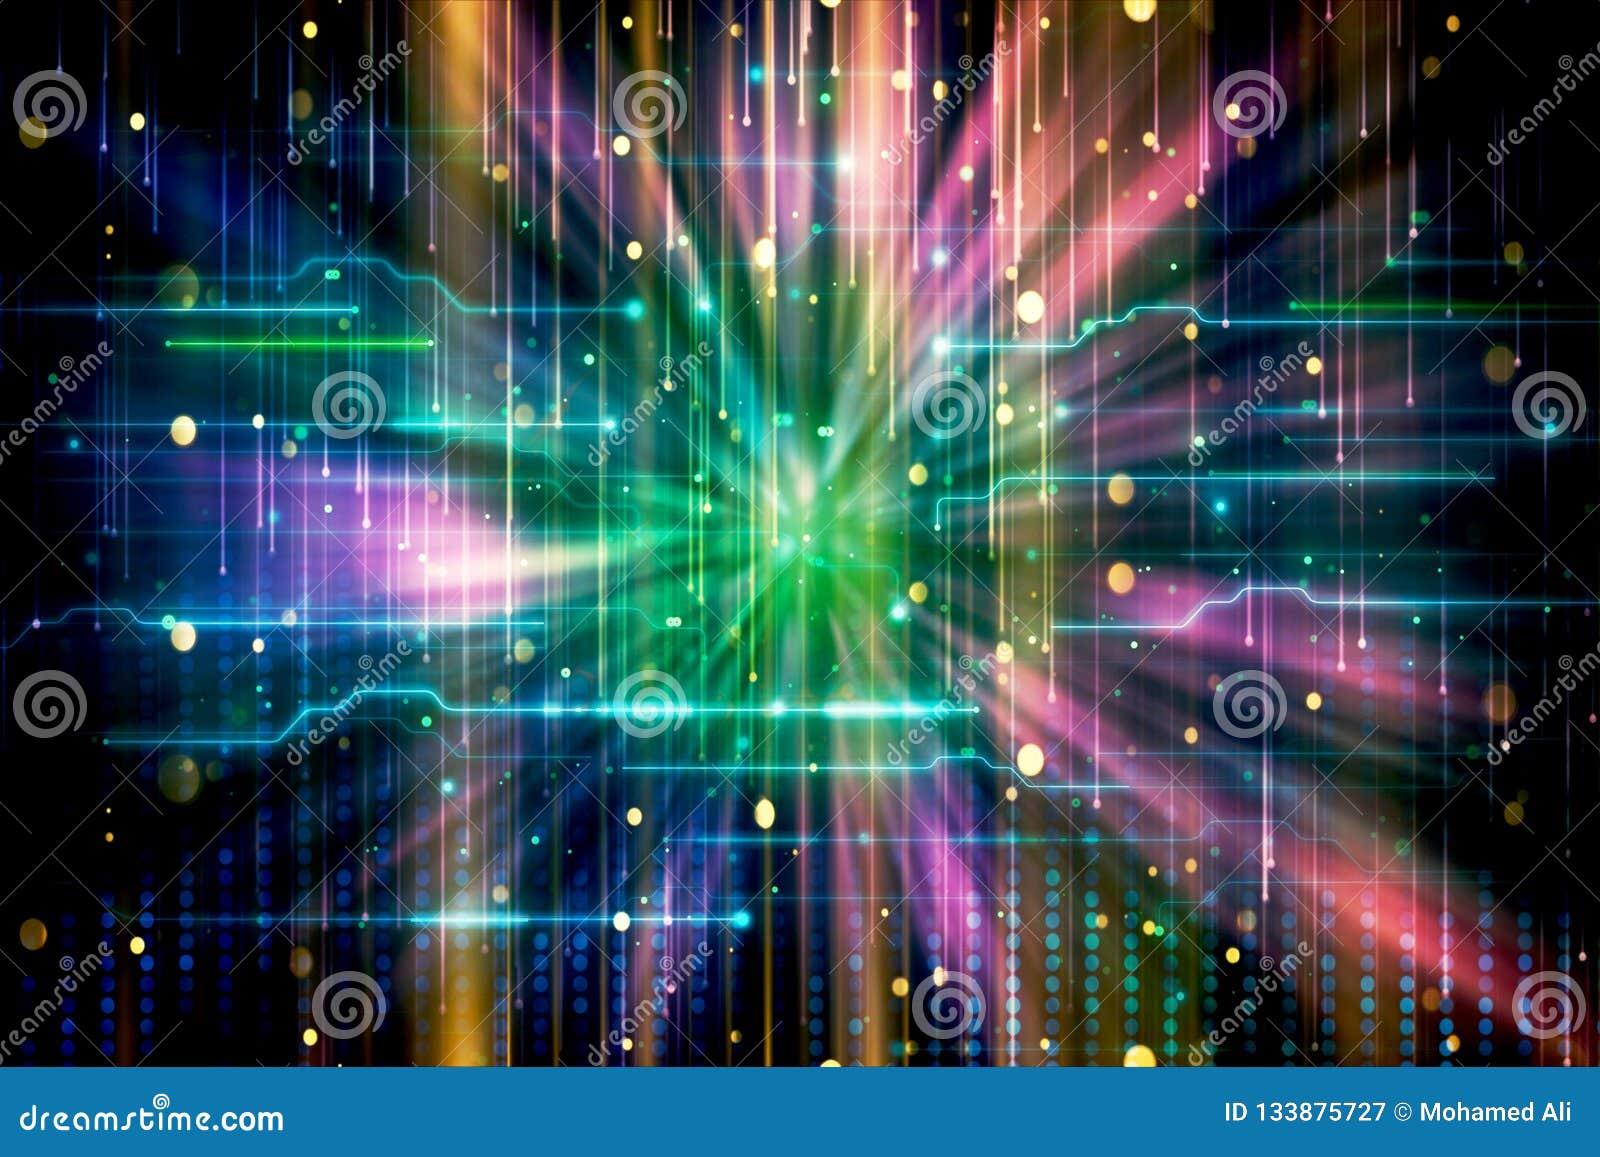 Zusammenfassung künstlerische moderne bunte weiche Wormhole-Grafik sichtbar gemacht in flüssigen bunten Lichtstrahlen